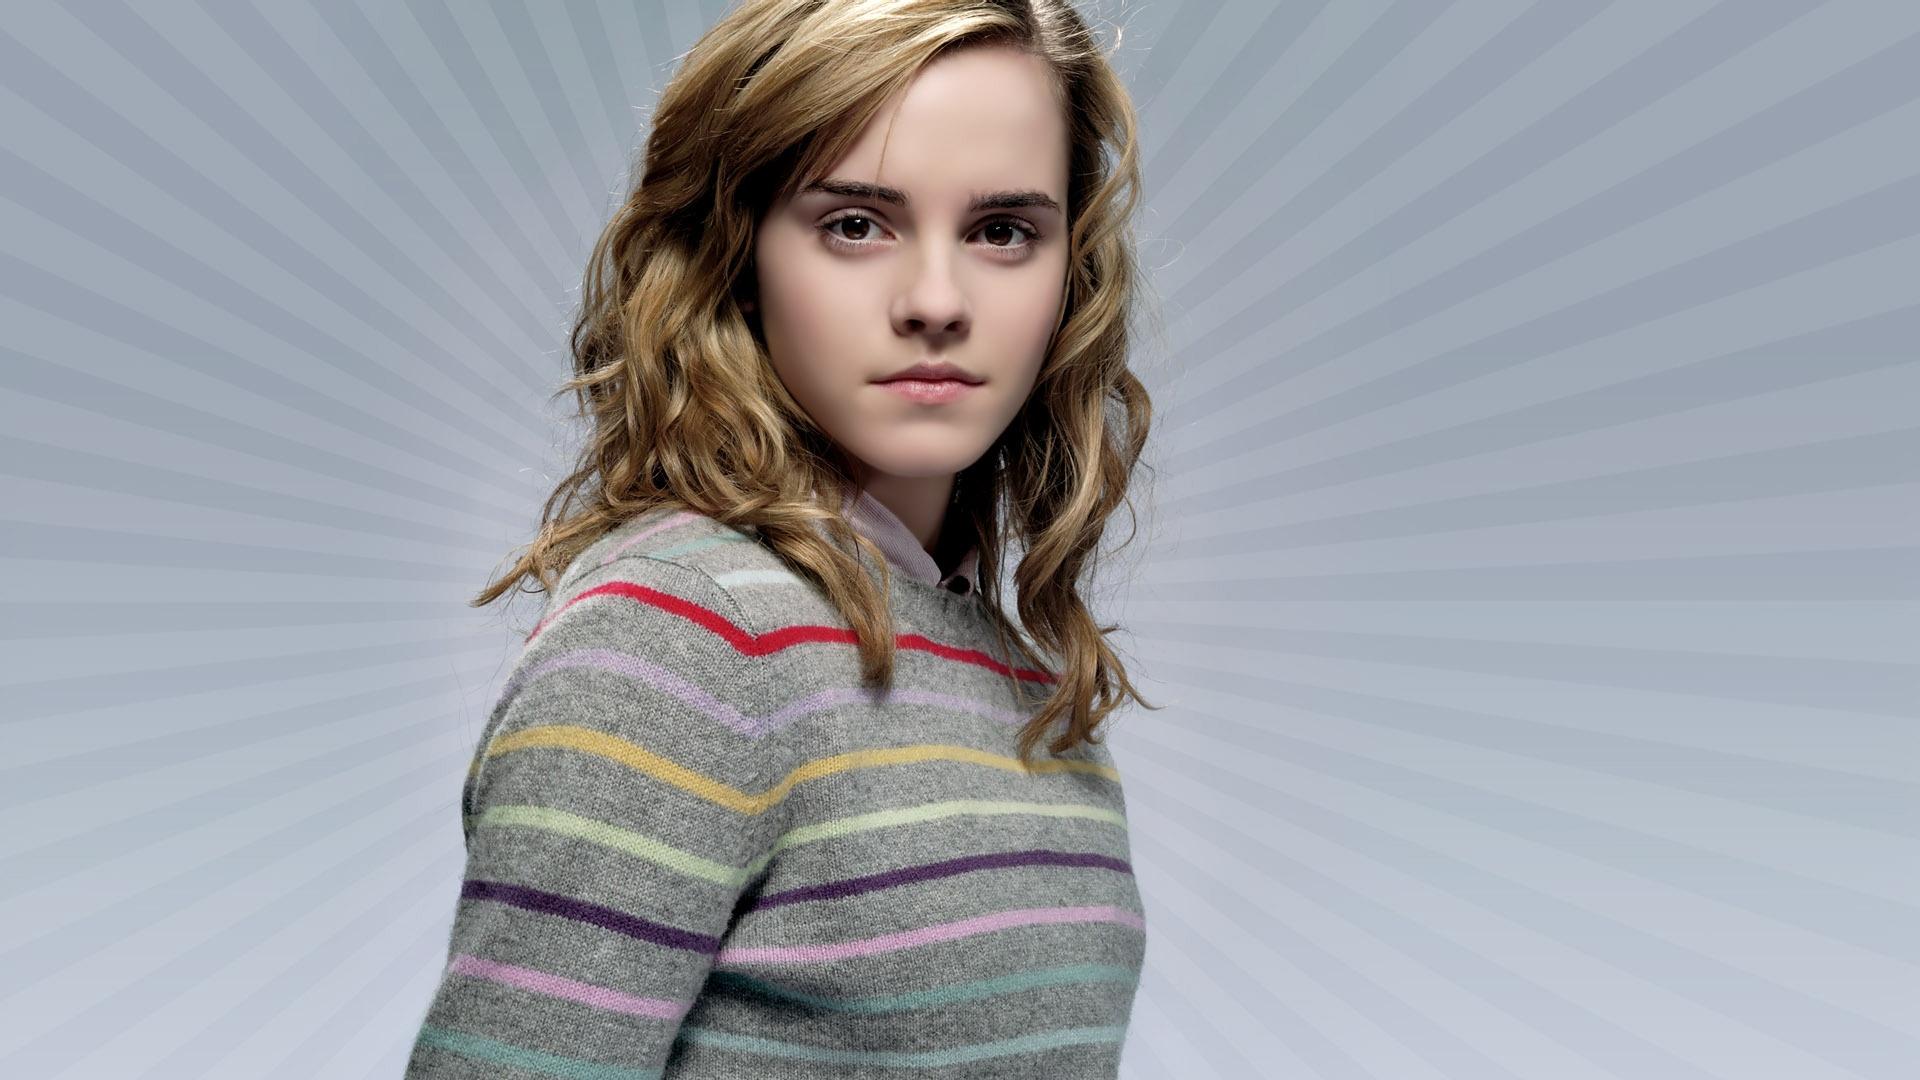 Beautiful Emma Watson 1920 X 1080 HDTV 1080p Wallpaper